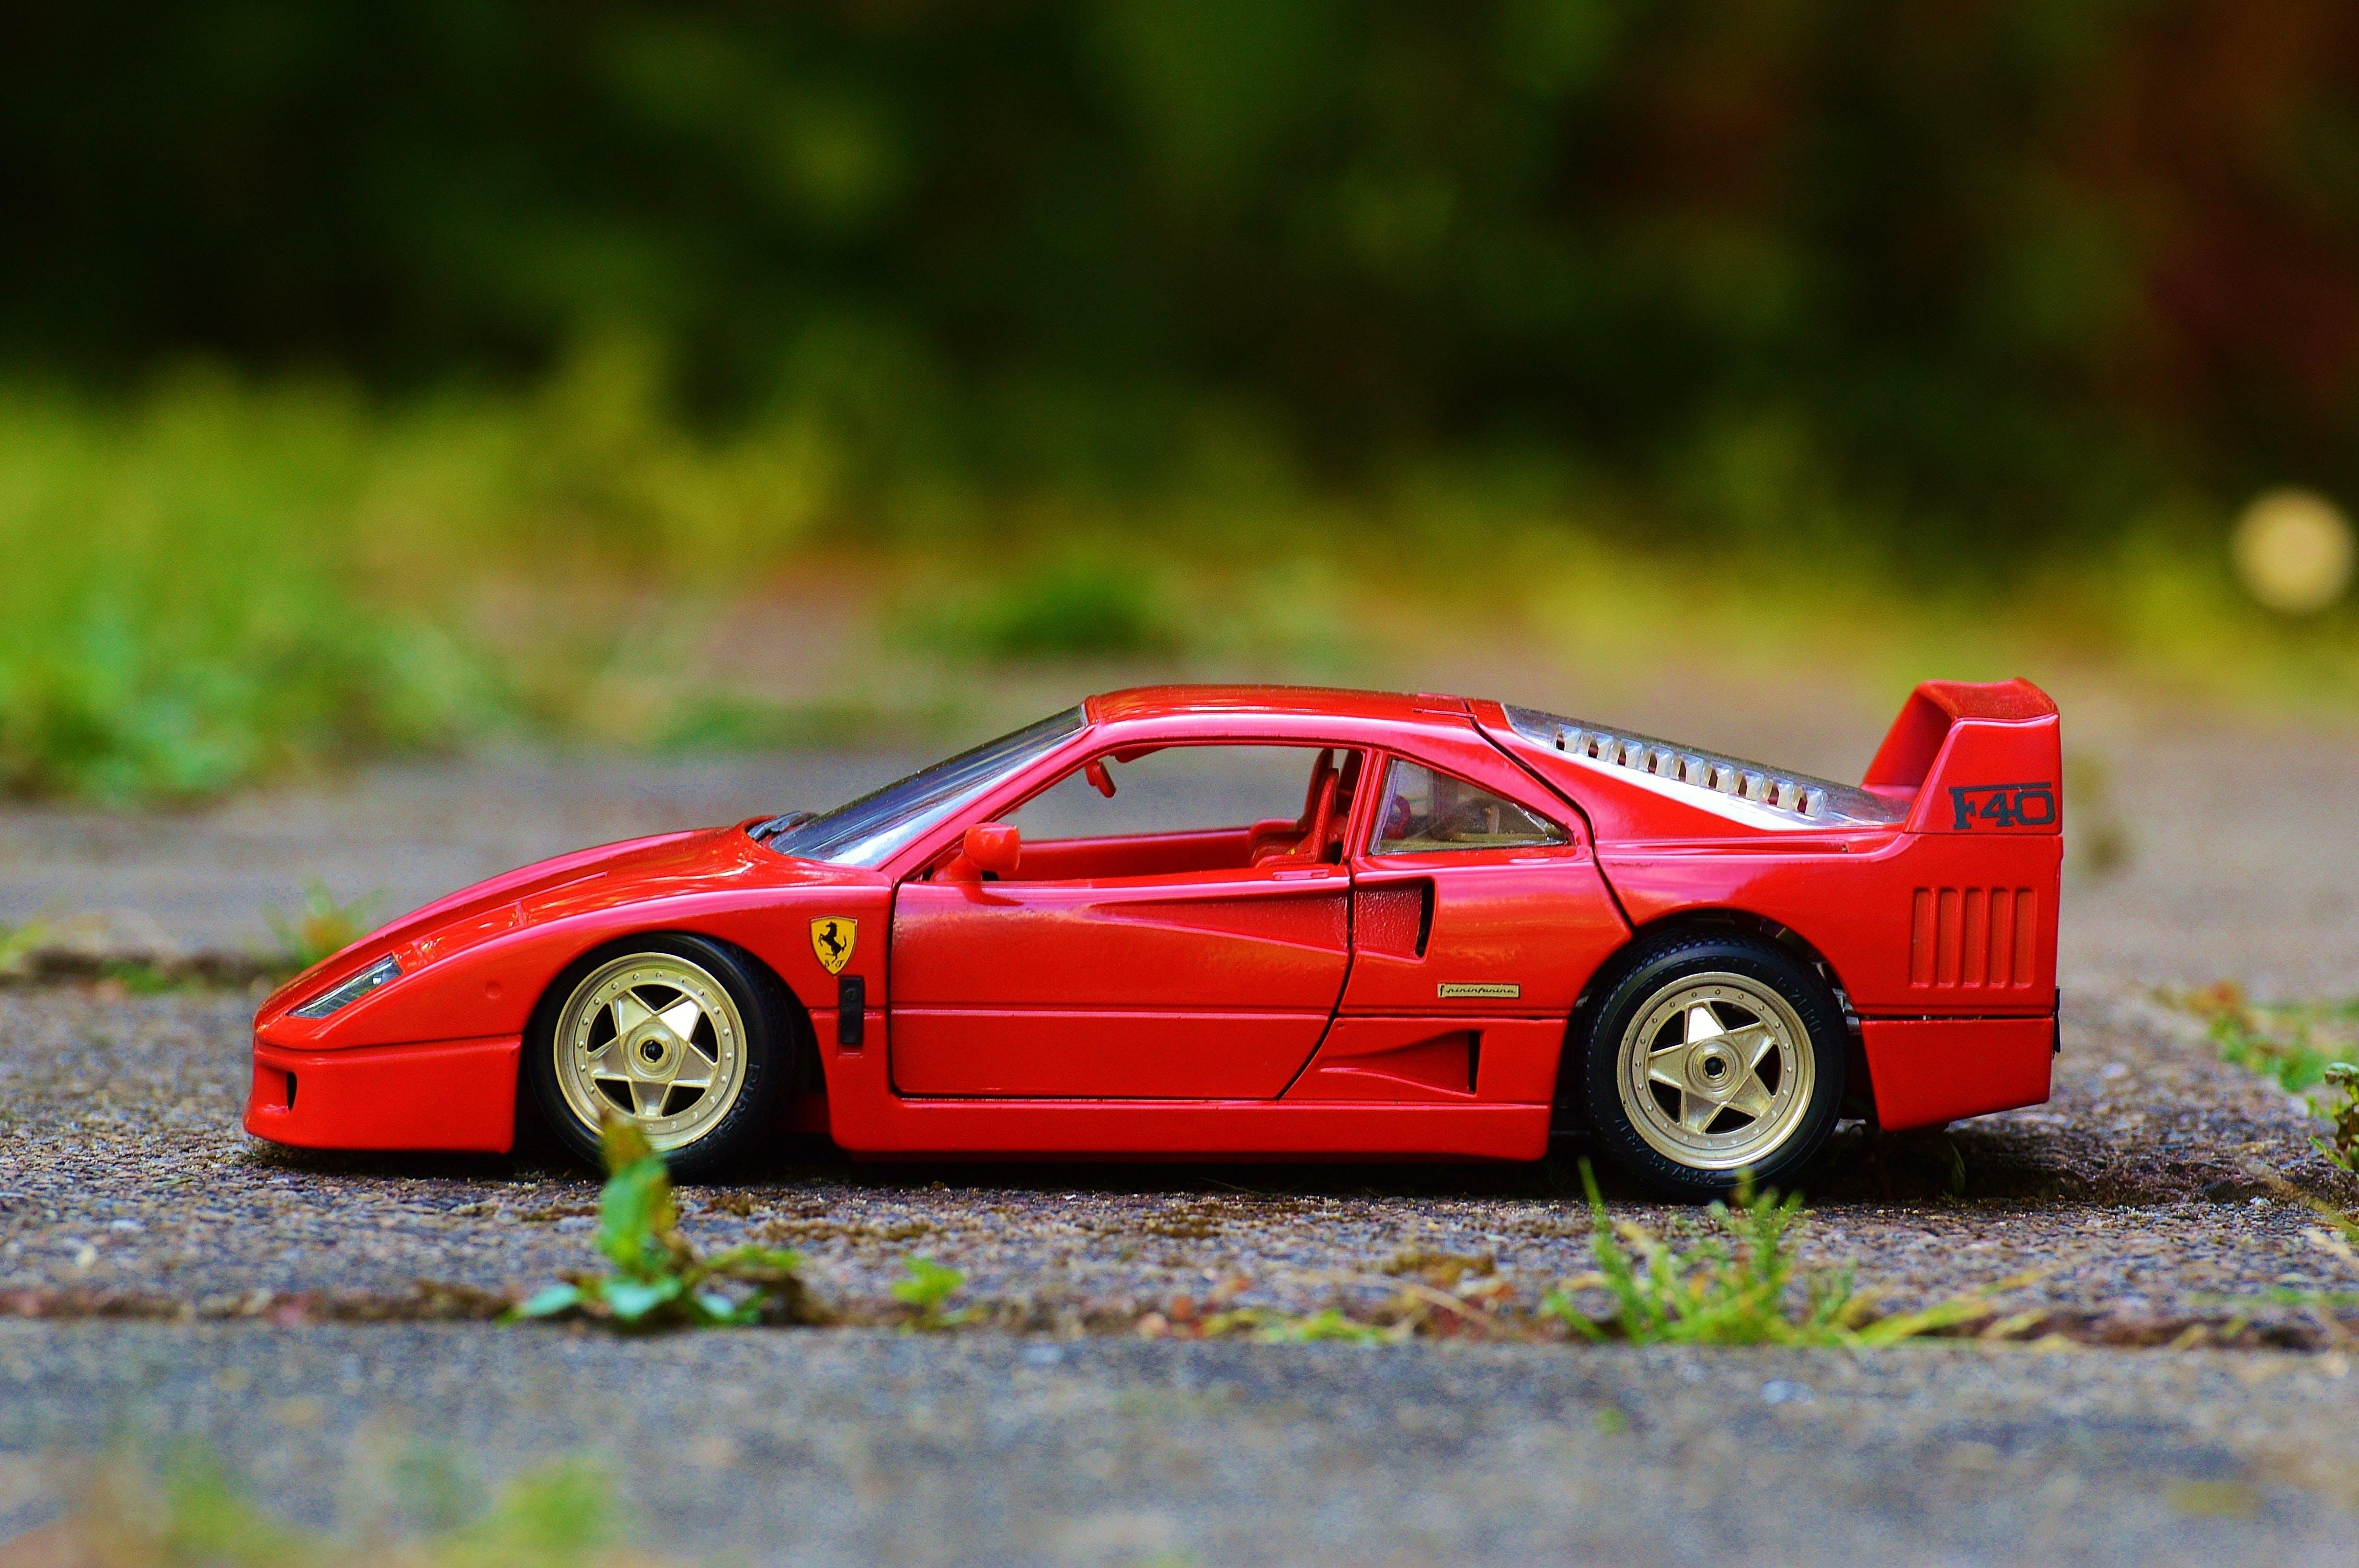 Ferrari, miniature, red